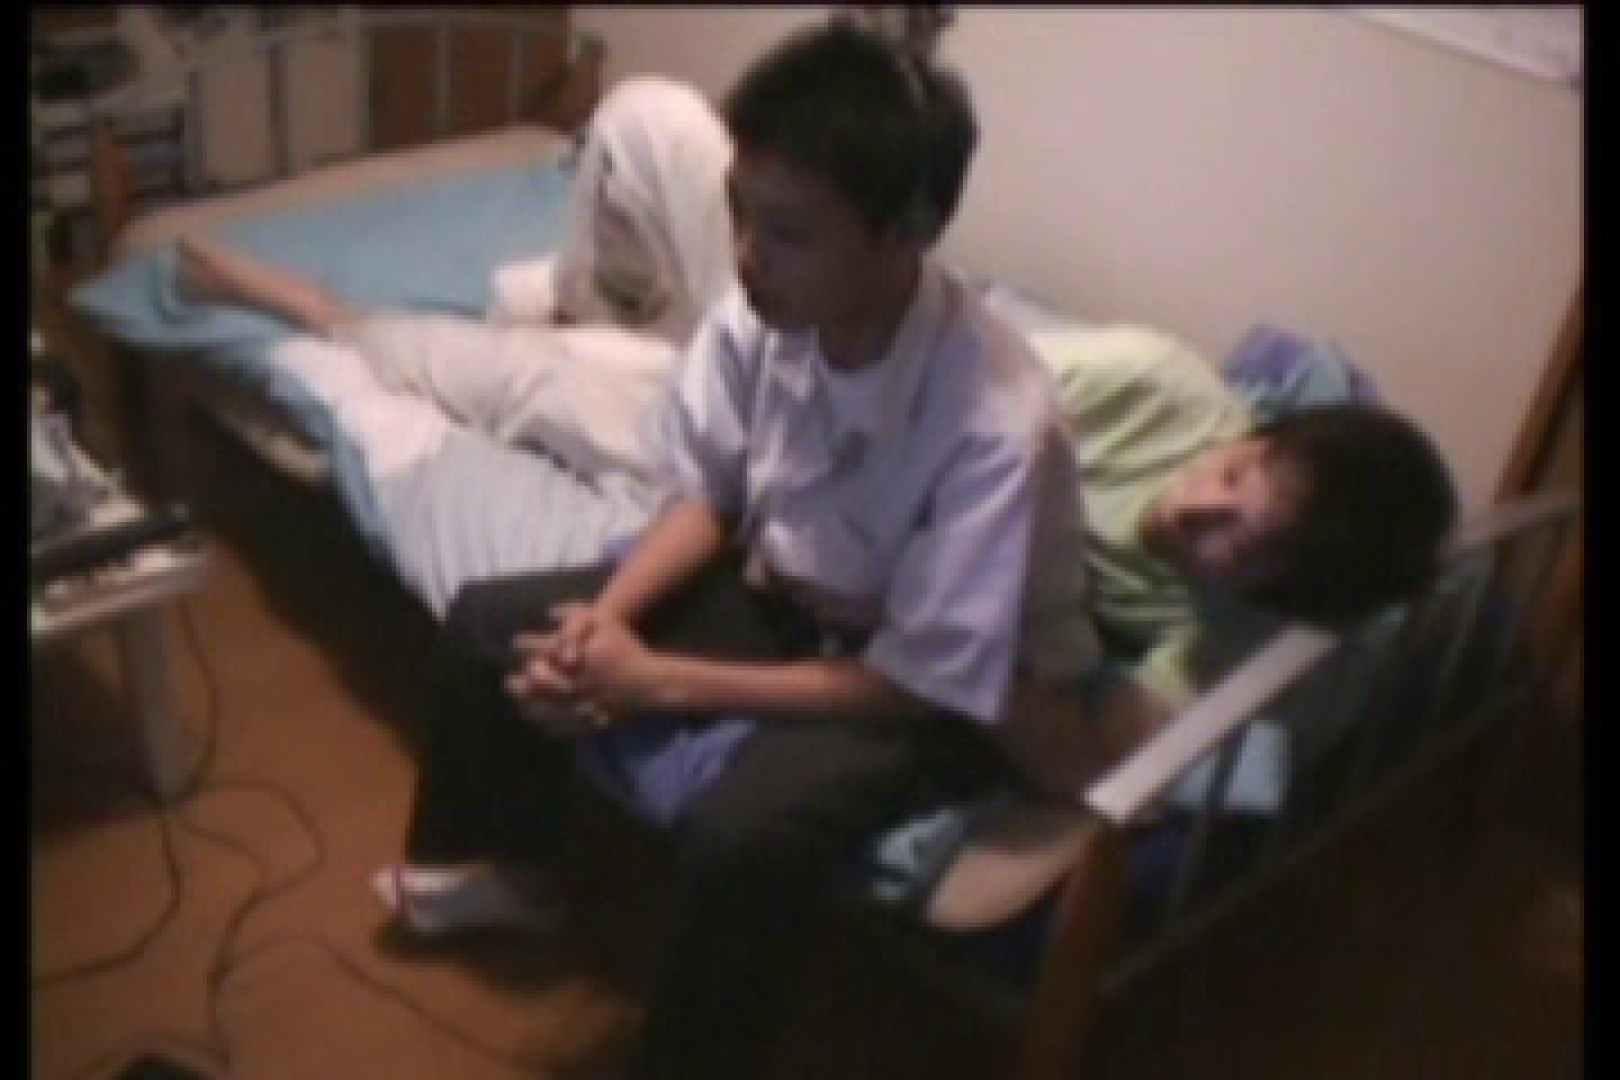 【実録投稿】友達覗撮In my room!! 射精  102pic 29